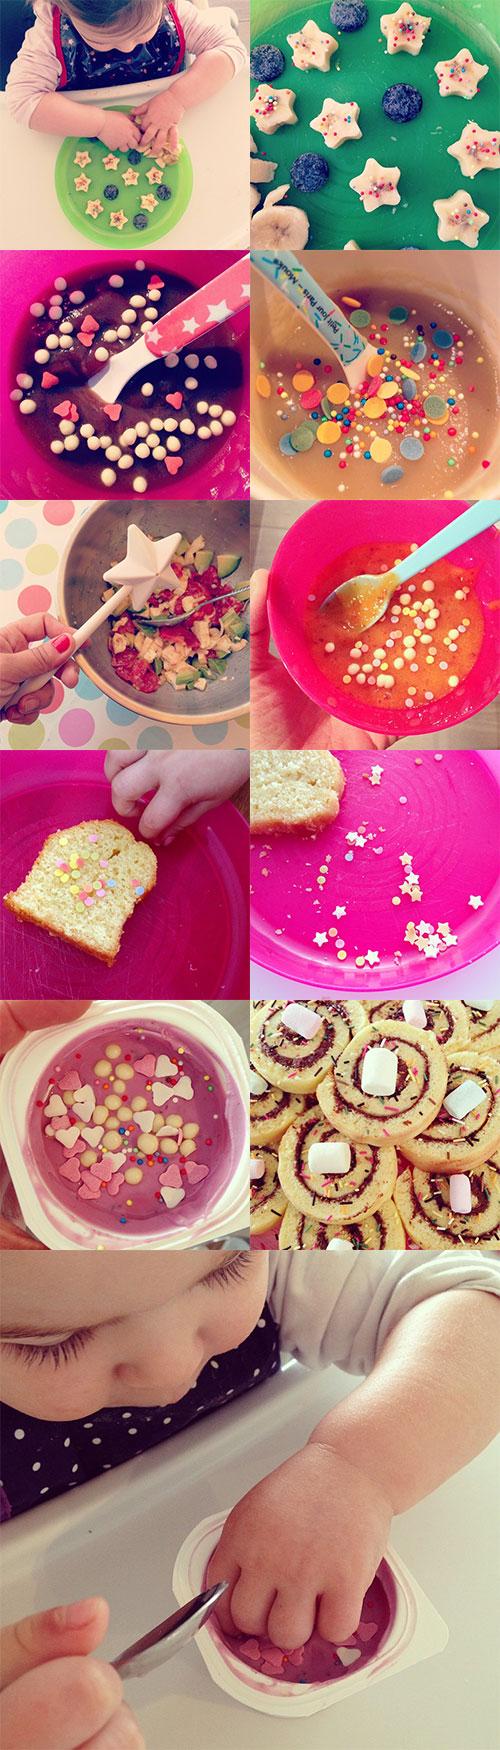 Les-Assiettes-Magiques-De-Minouchette-PimpandPomme-Confettis-Paillettes-Sprinkles-Chocolat